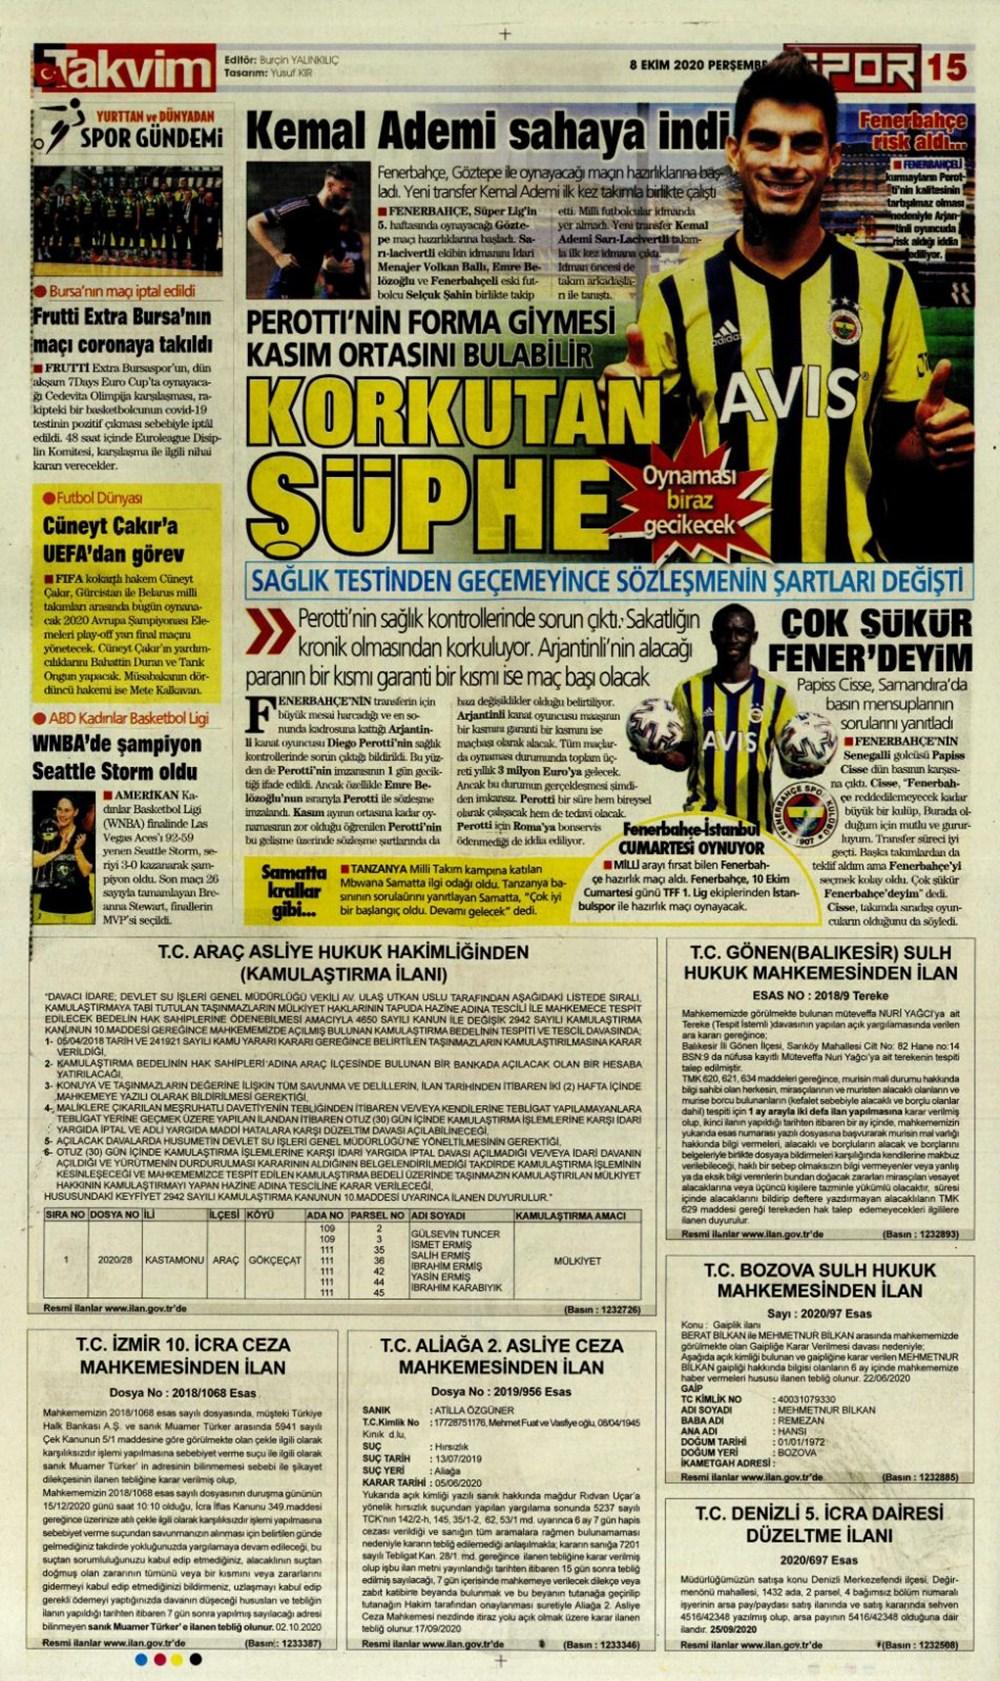 Günün spor manşetleri (8 Ekim 2020) - 12